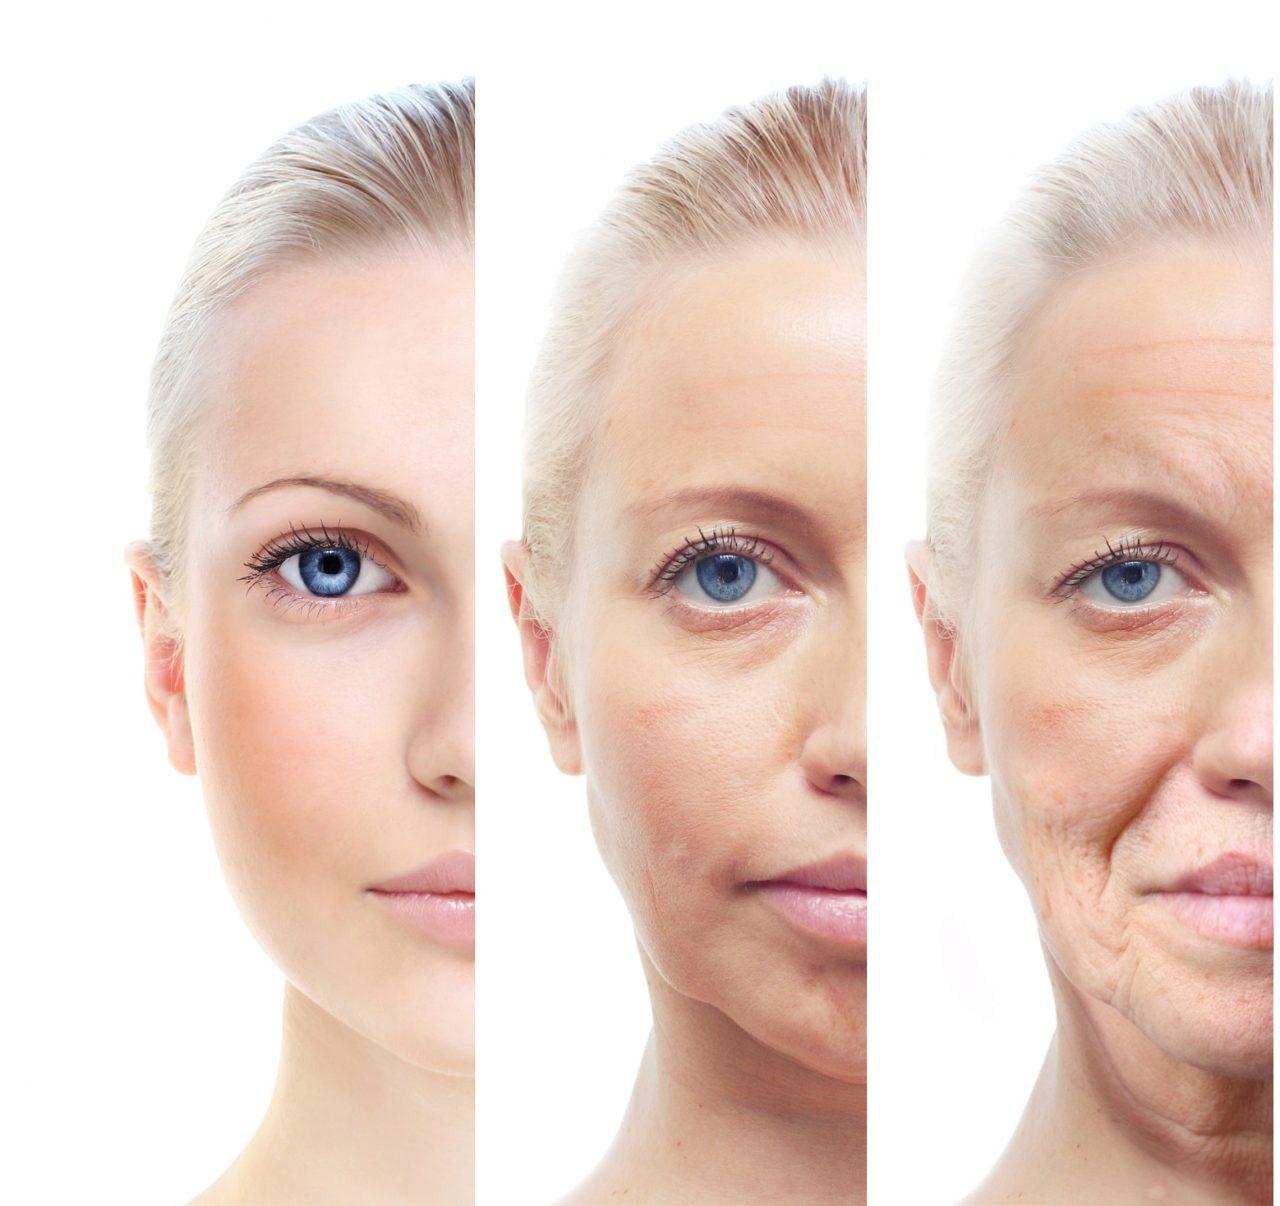 Chống lão hóa: Đừng đợi già mới bắt đầu 2